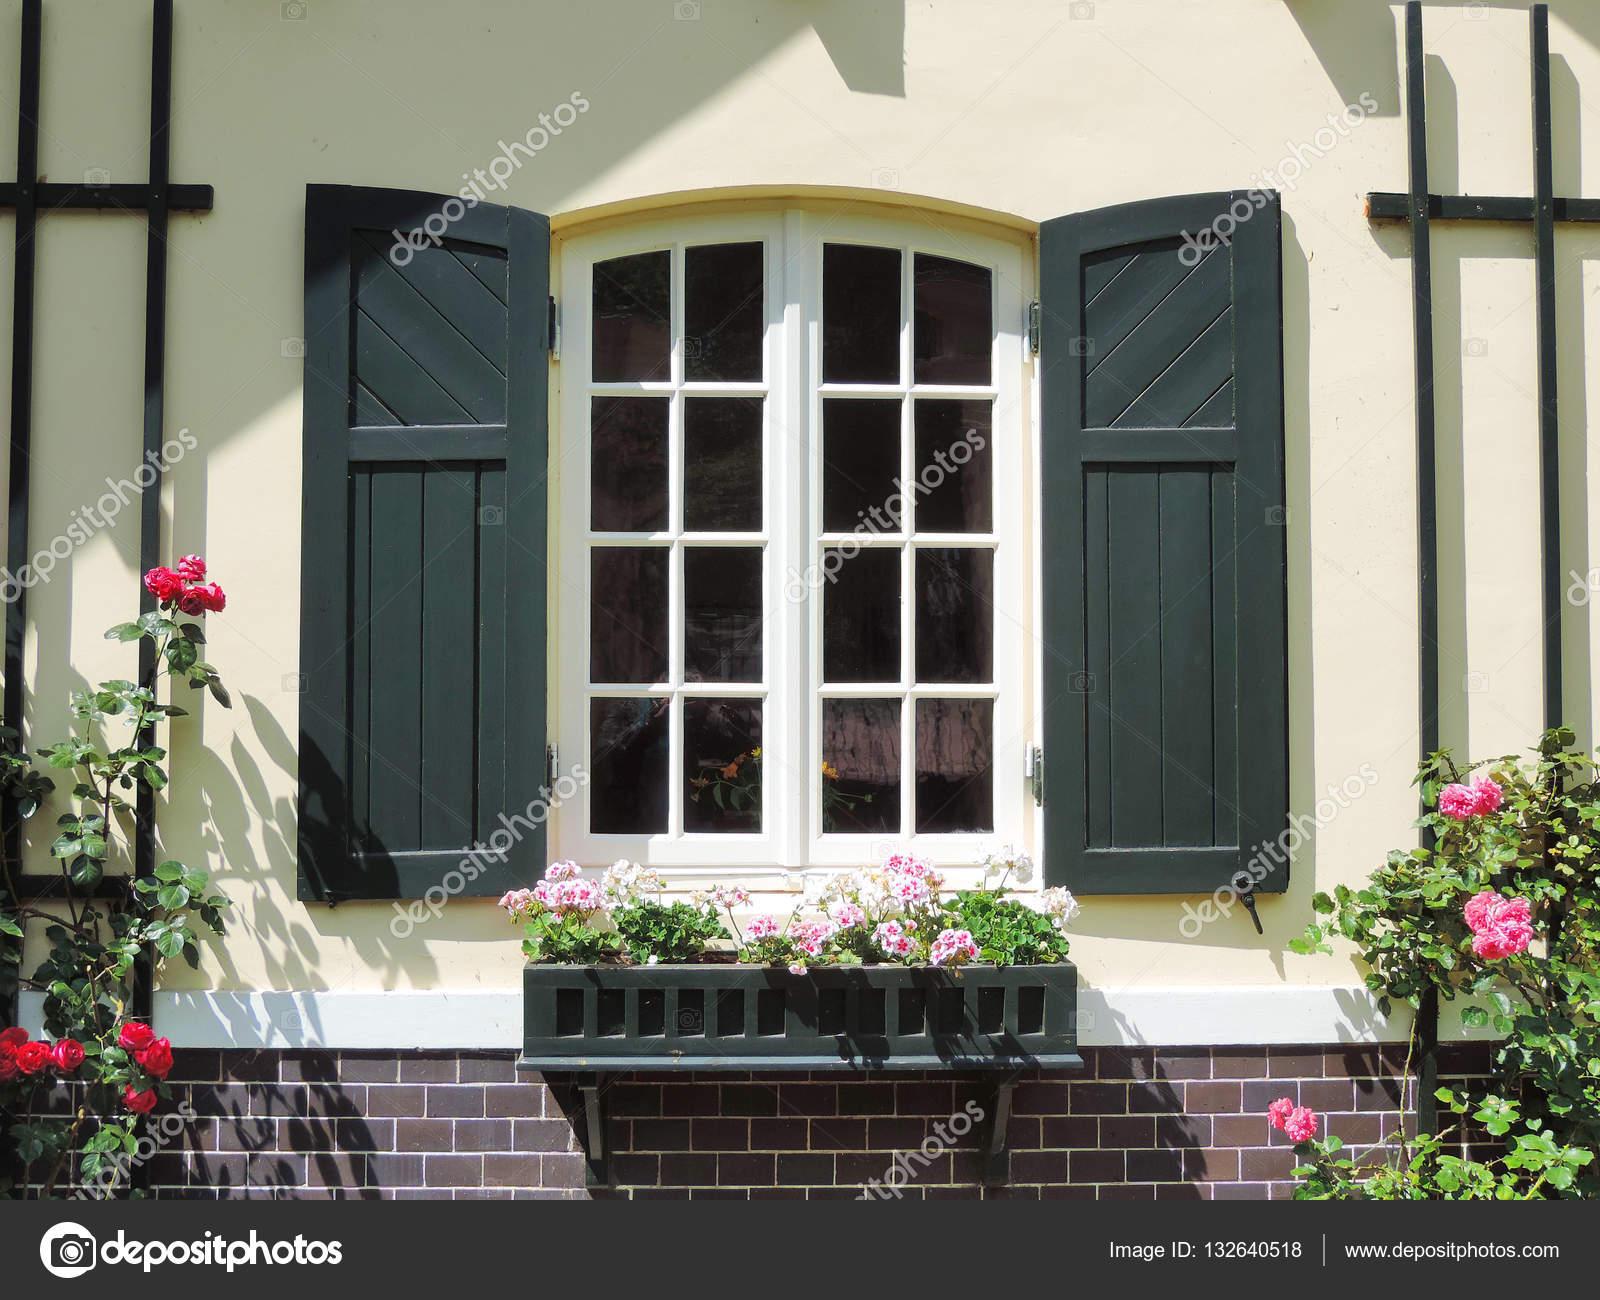 Schones Haus Mit Grunen Fensterladen Fenster Stockfoto C Eivaisla